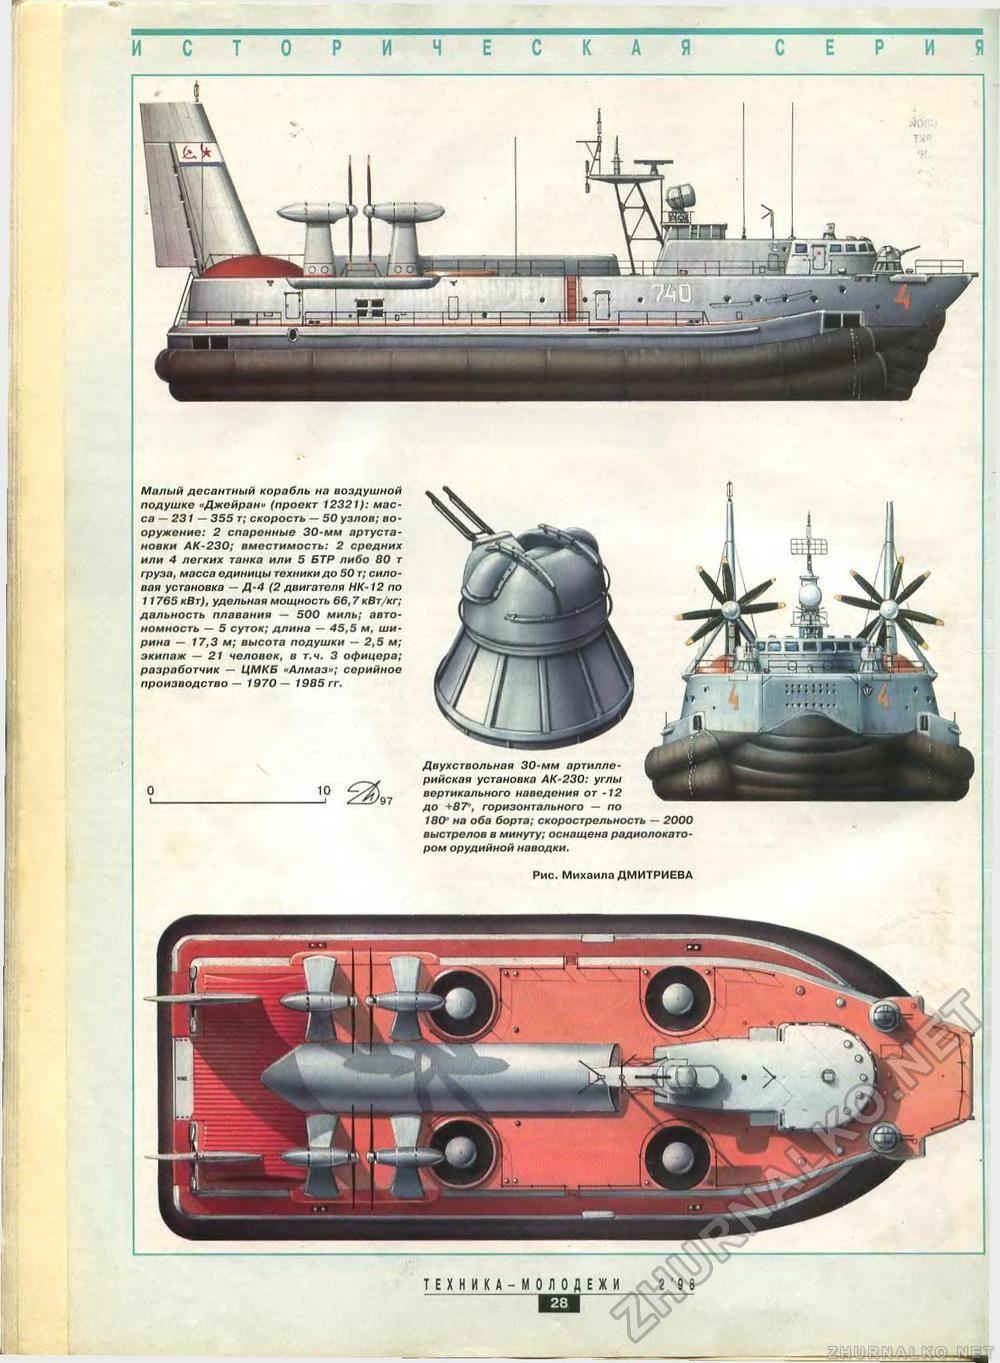 Tehnika Molodyozhi 1998 02 Stranica 30 Voenno Morskoj Flot Lodka Korabl